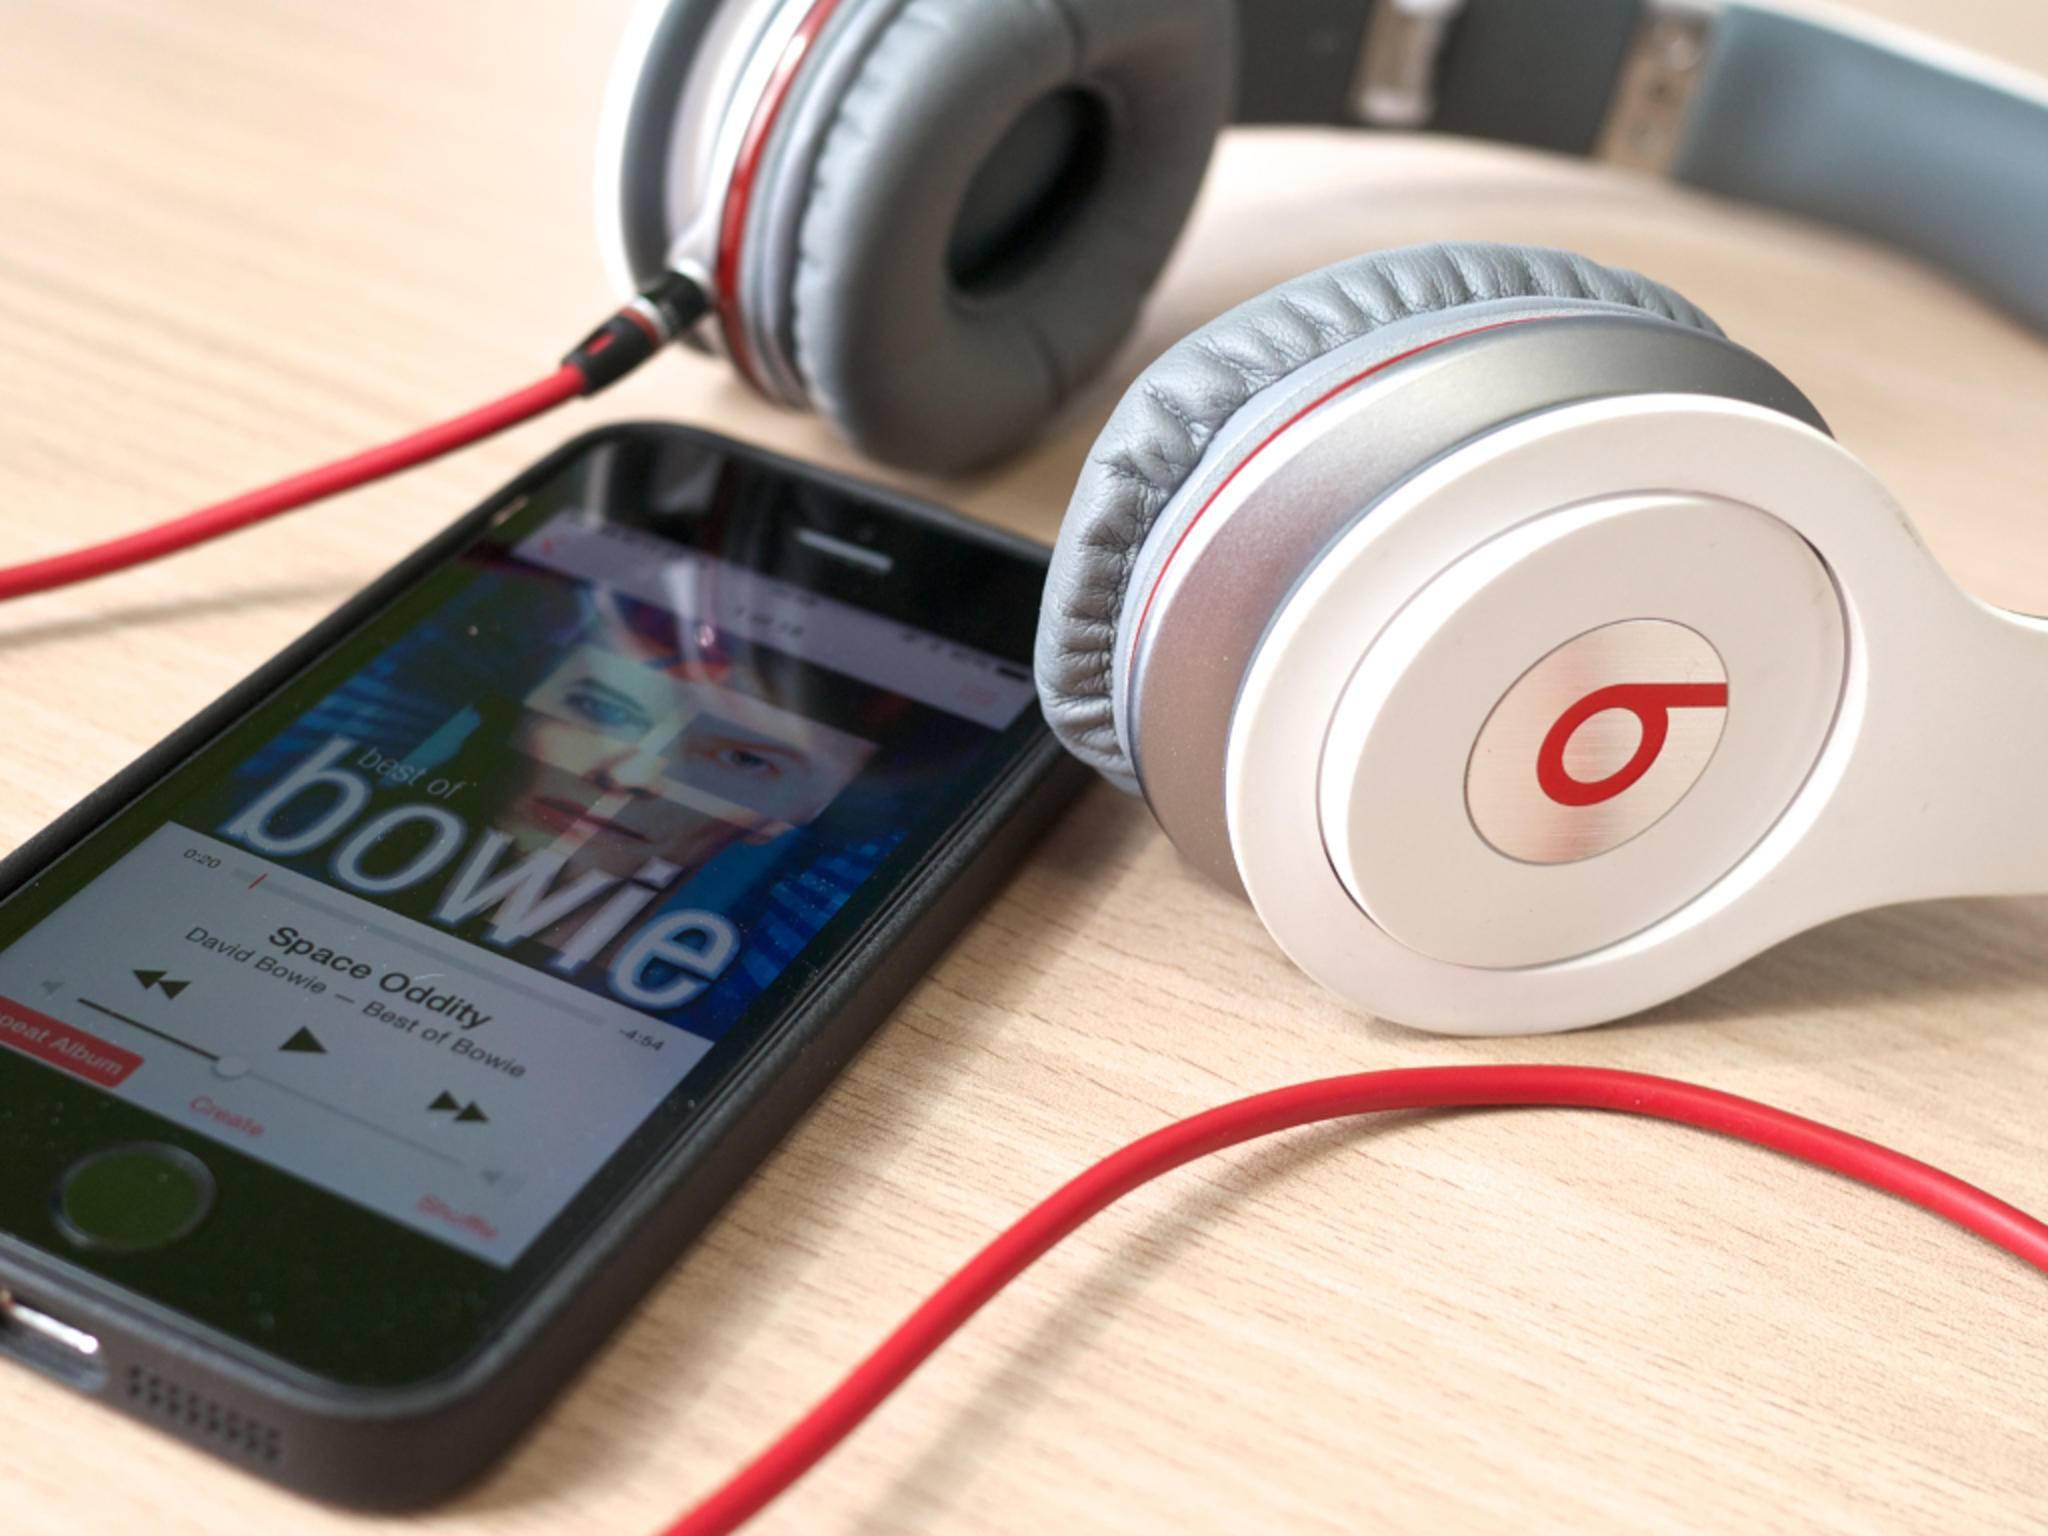 Beats soll den Partner Monster mit unlauteren Mitteln aus dem Geschäft gedrängt haben.